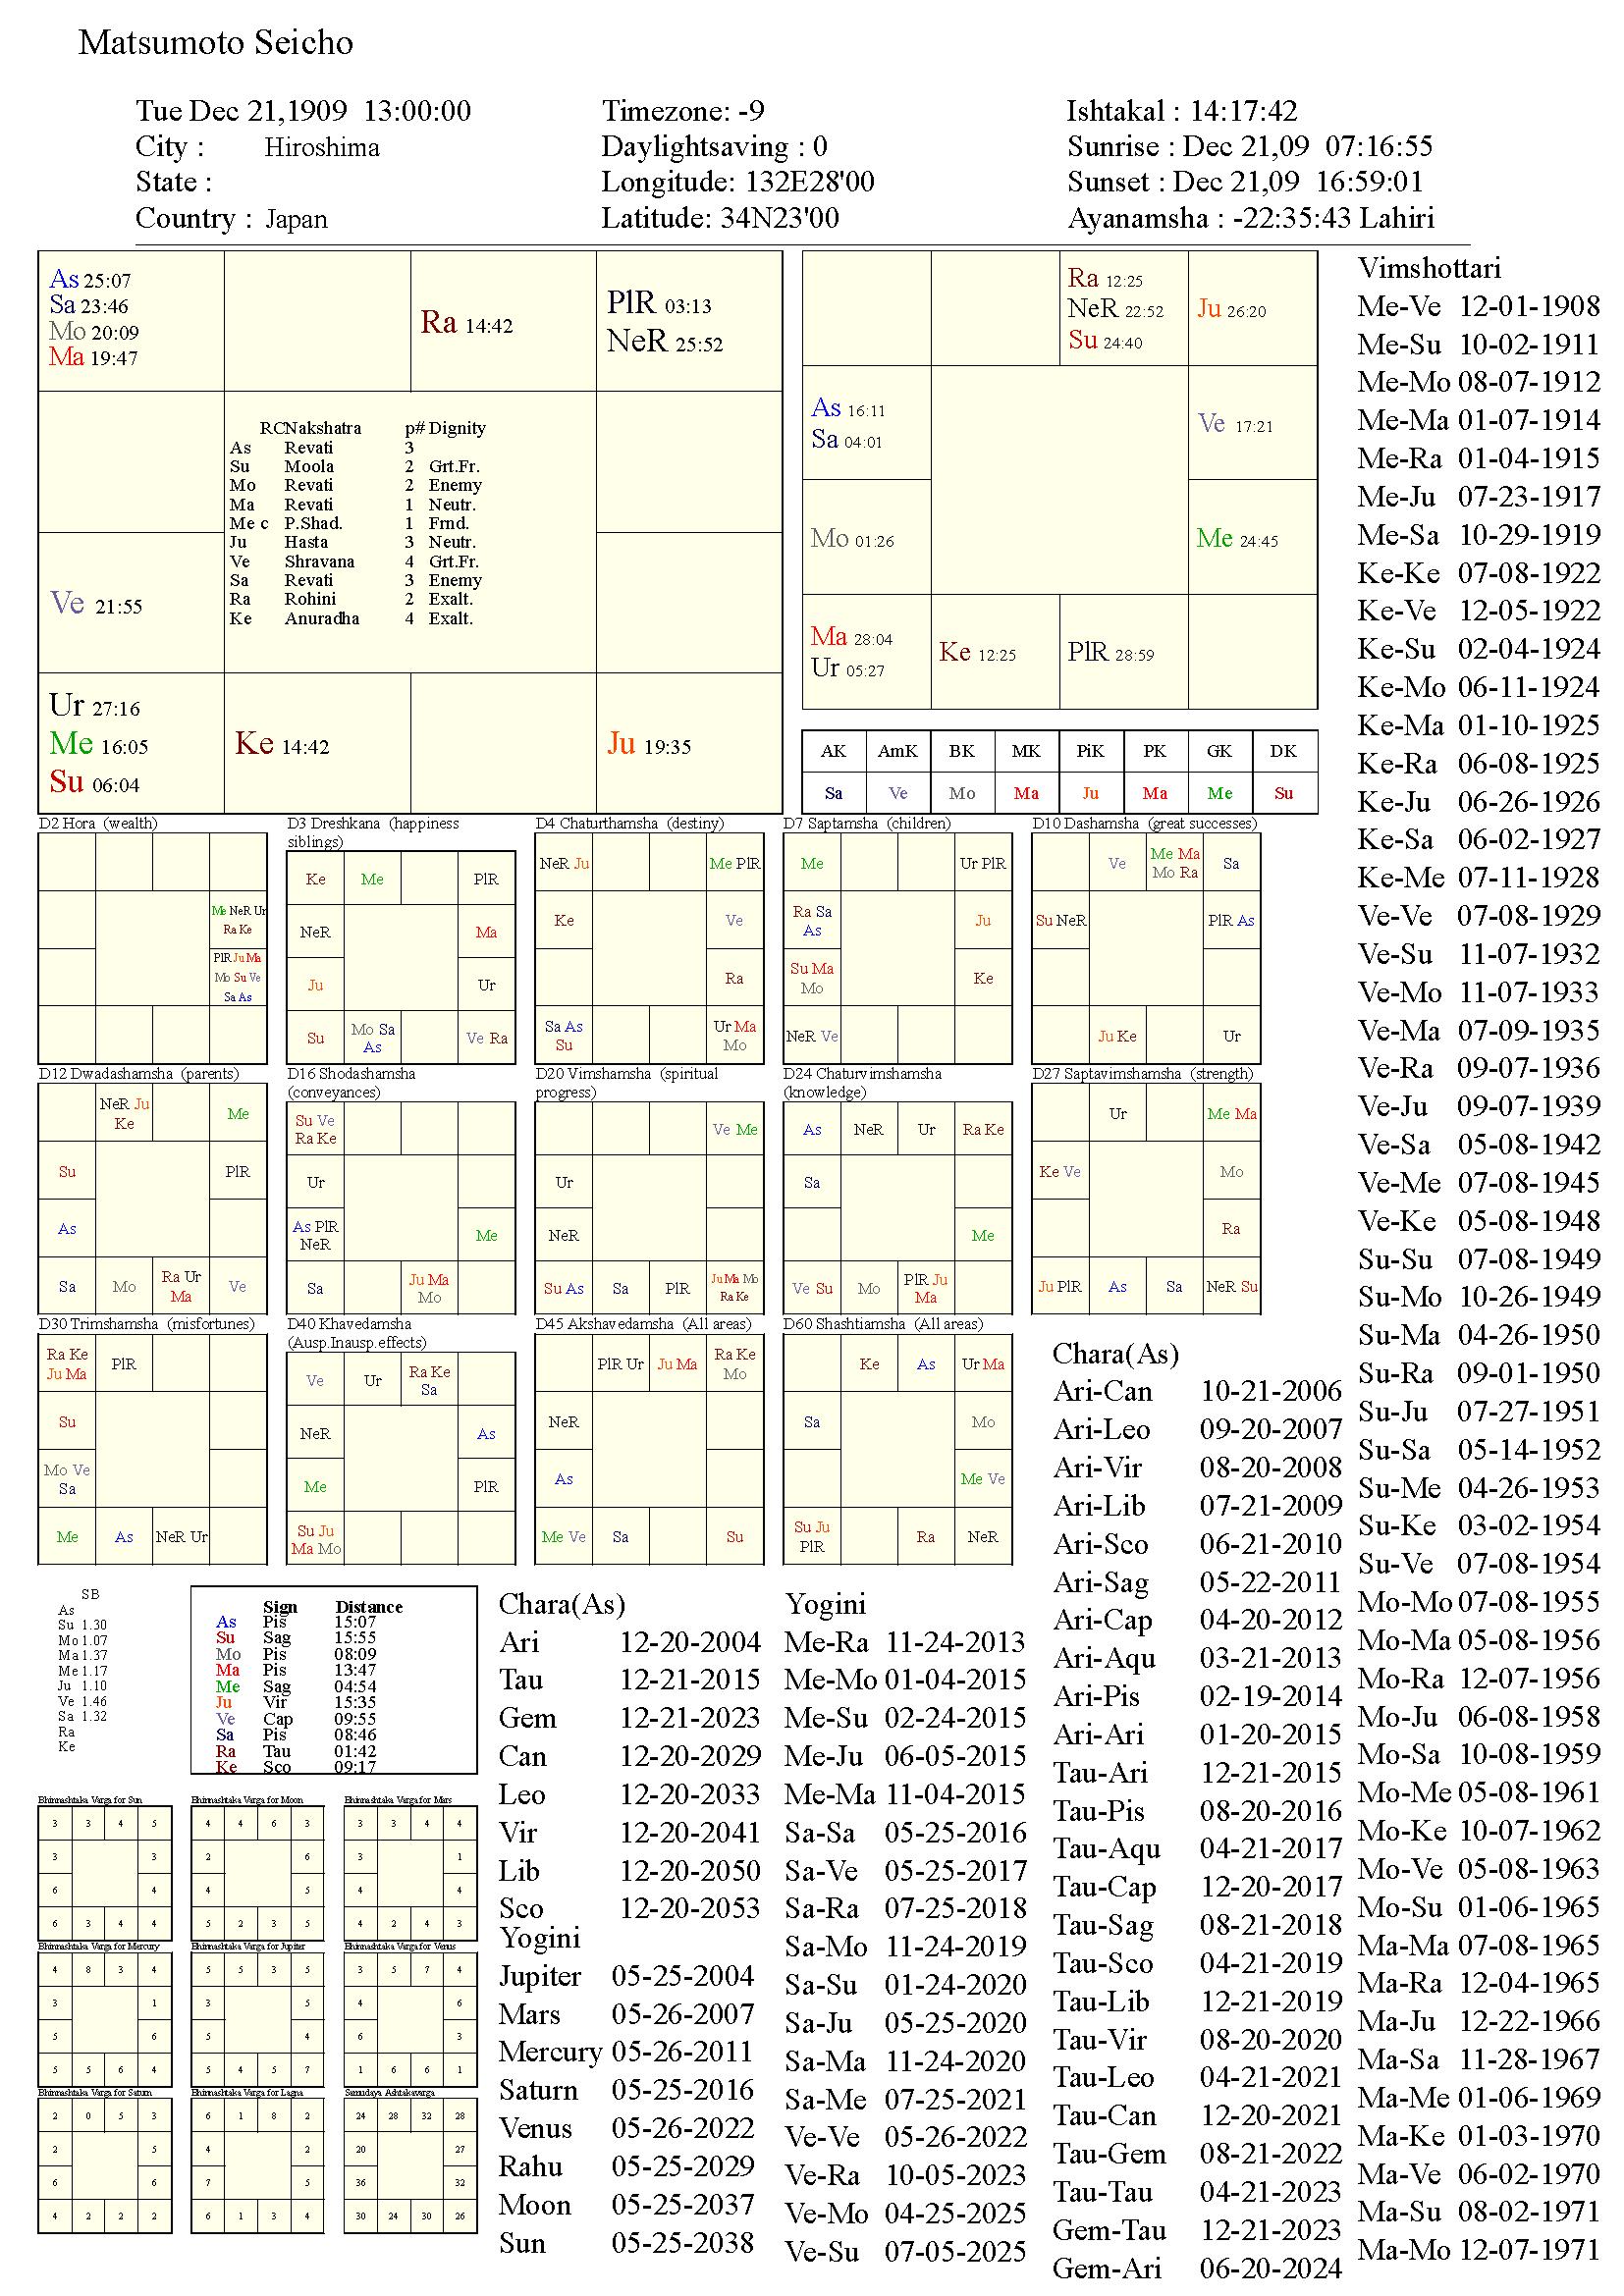 matsumotoseicho_chart